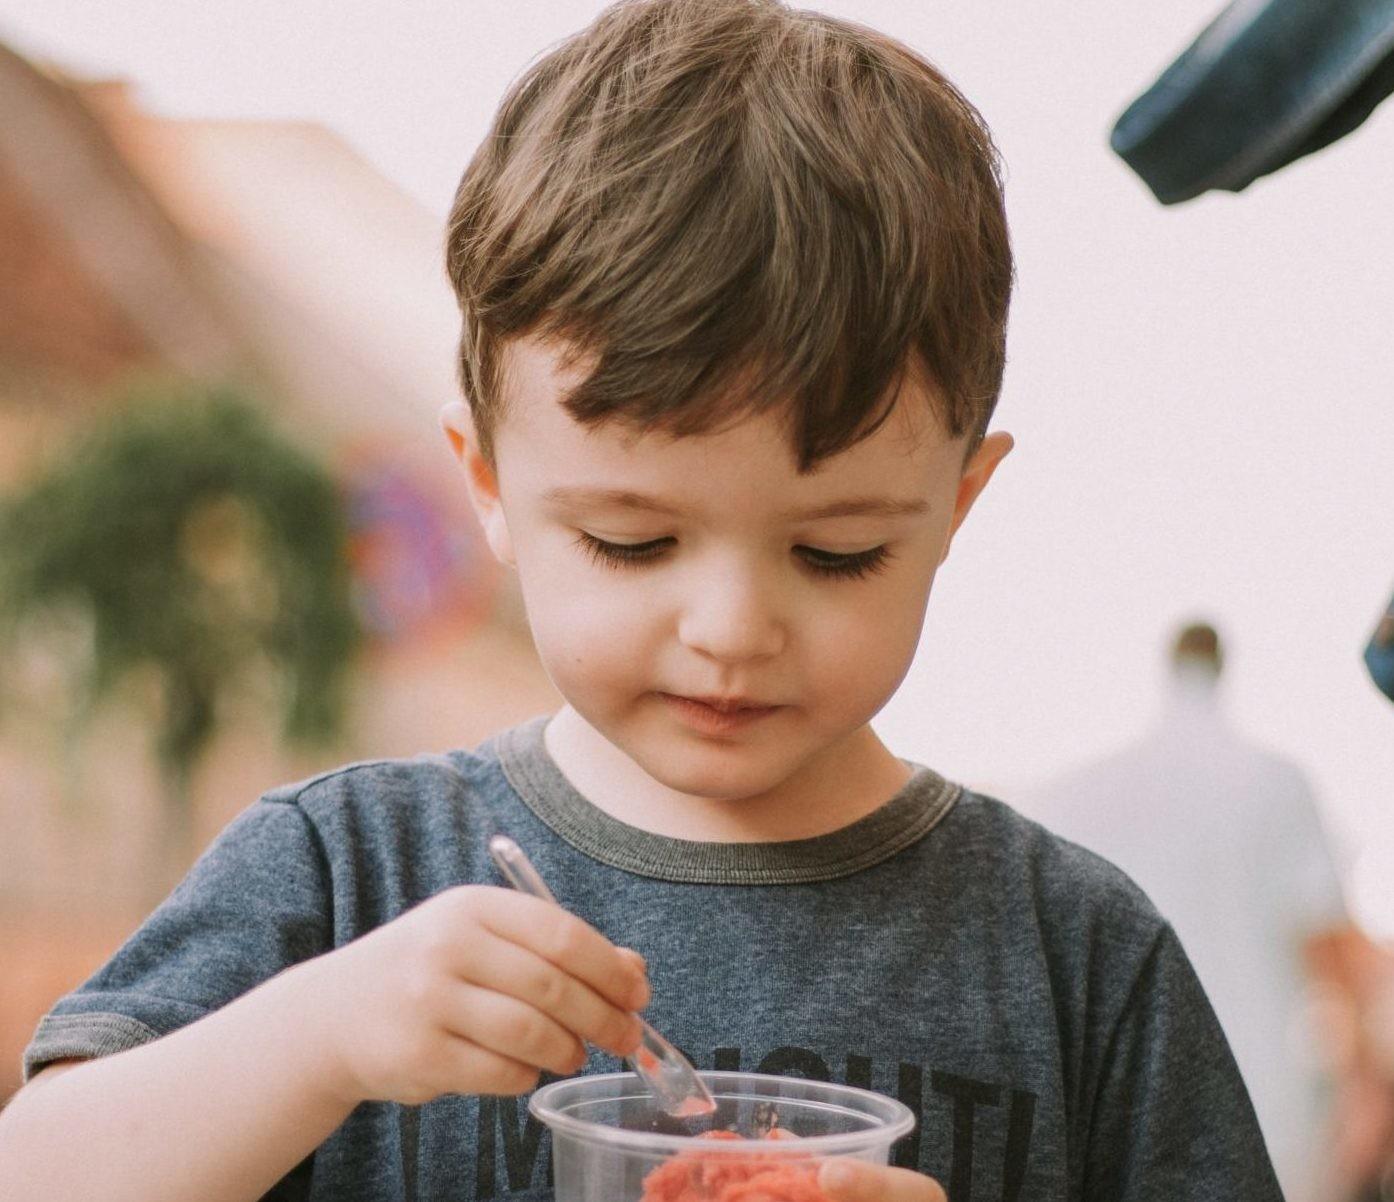 Поджелудочная железа у ребенка: как реанимировать?